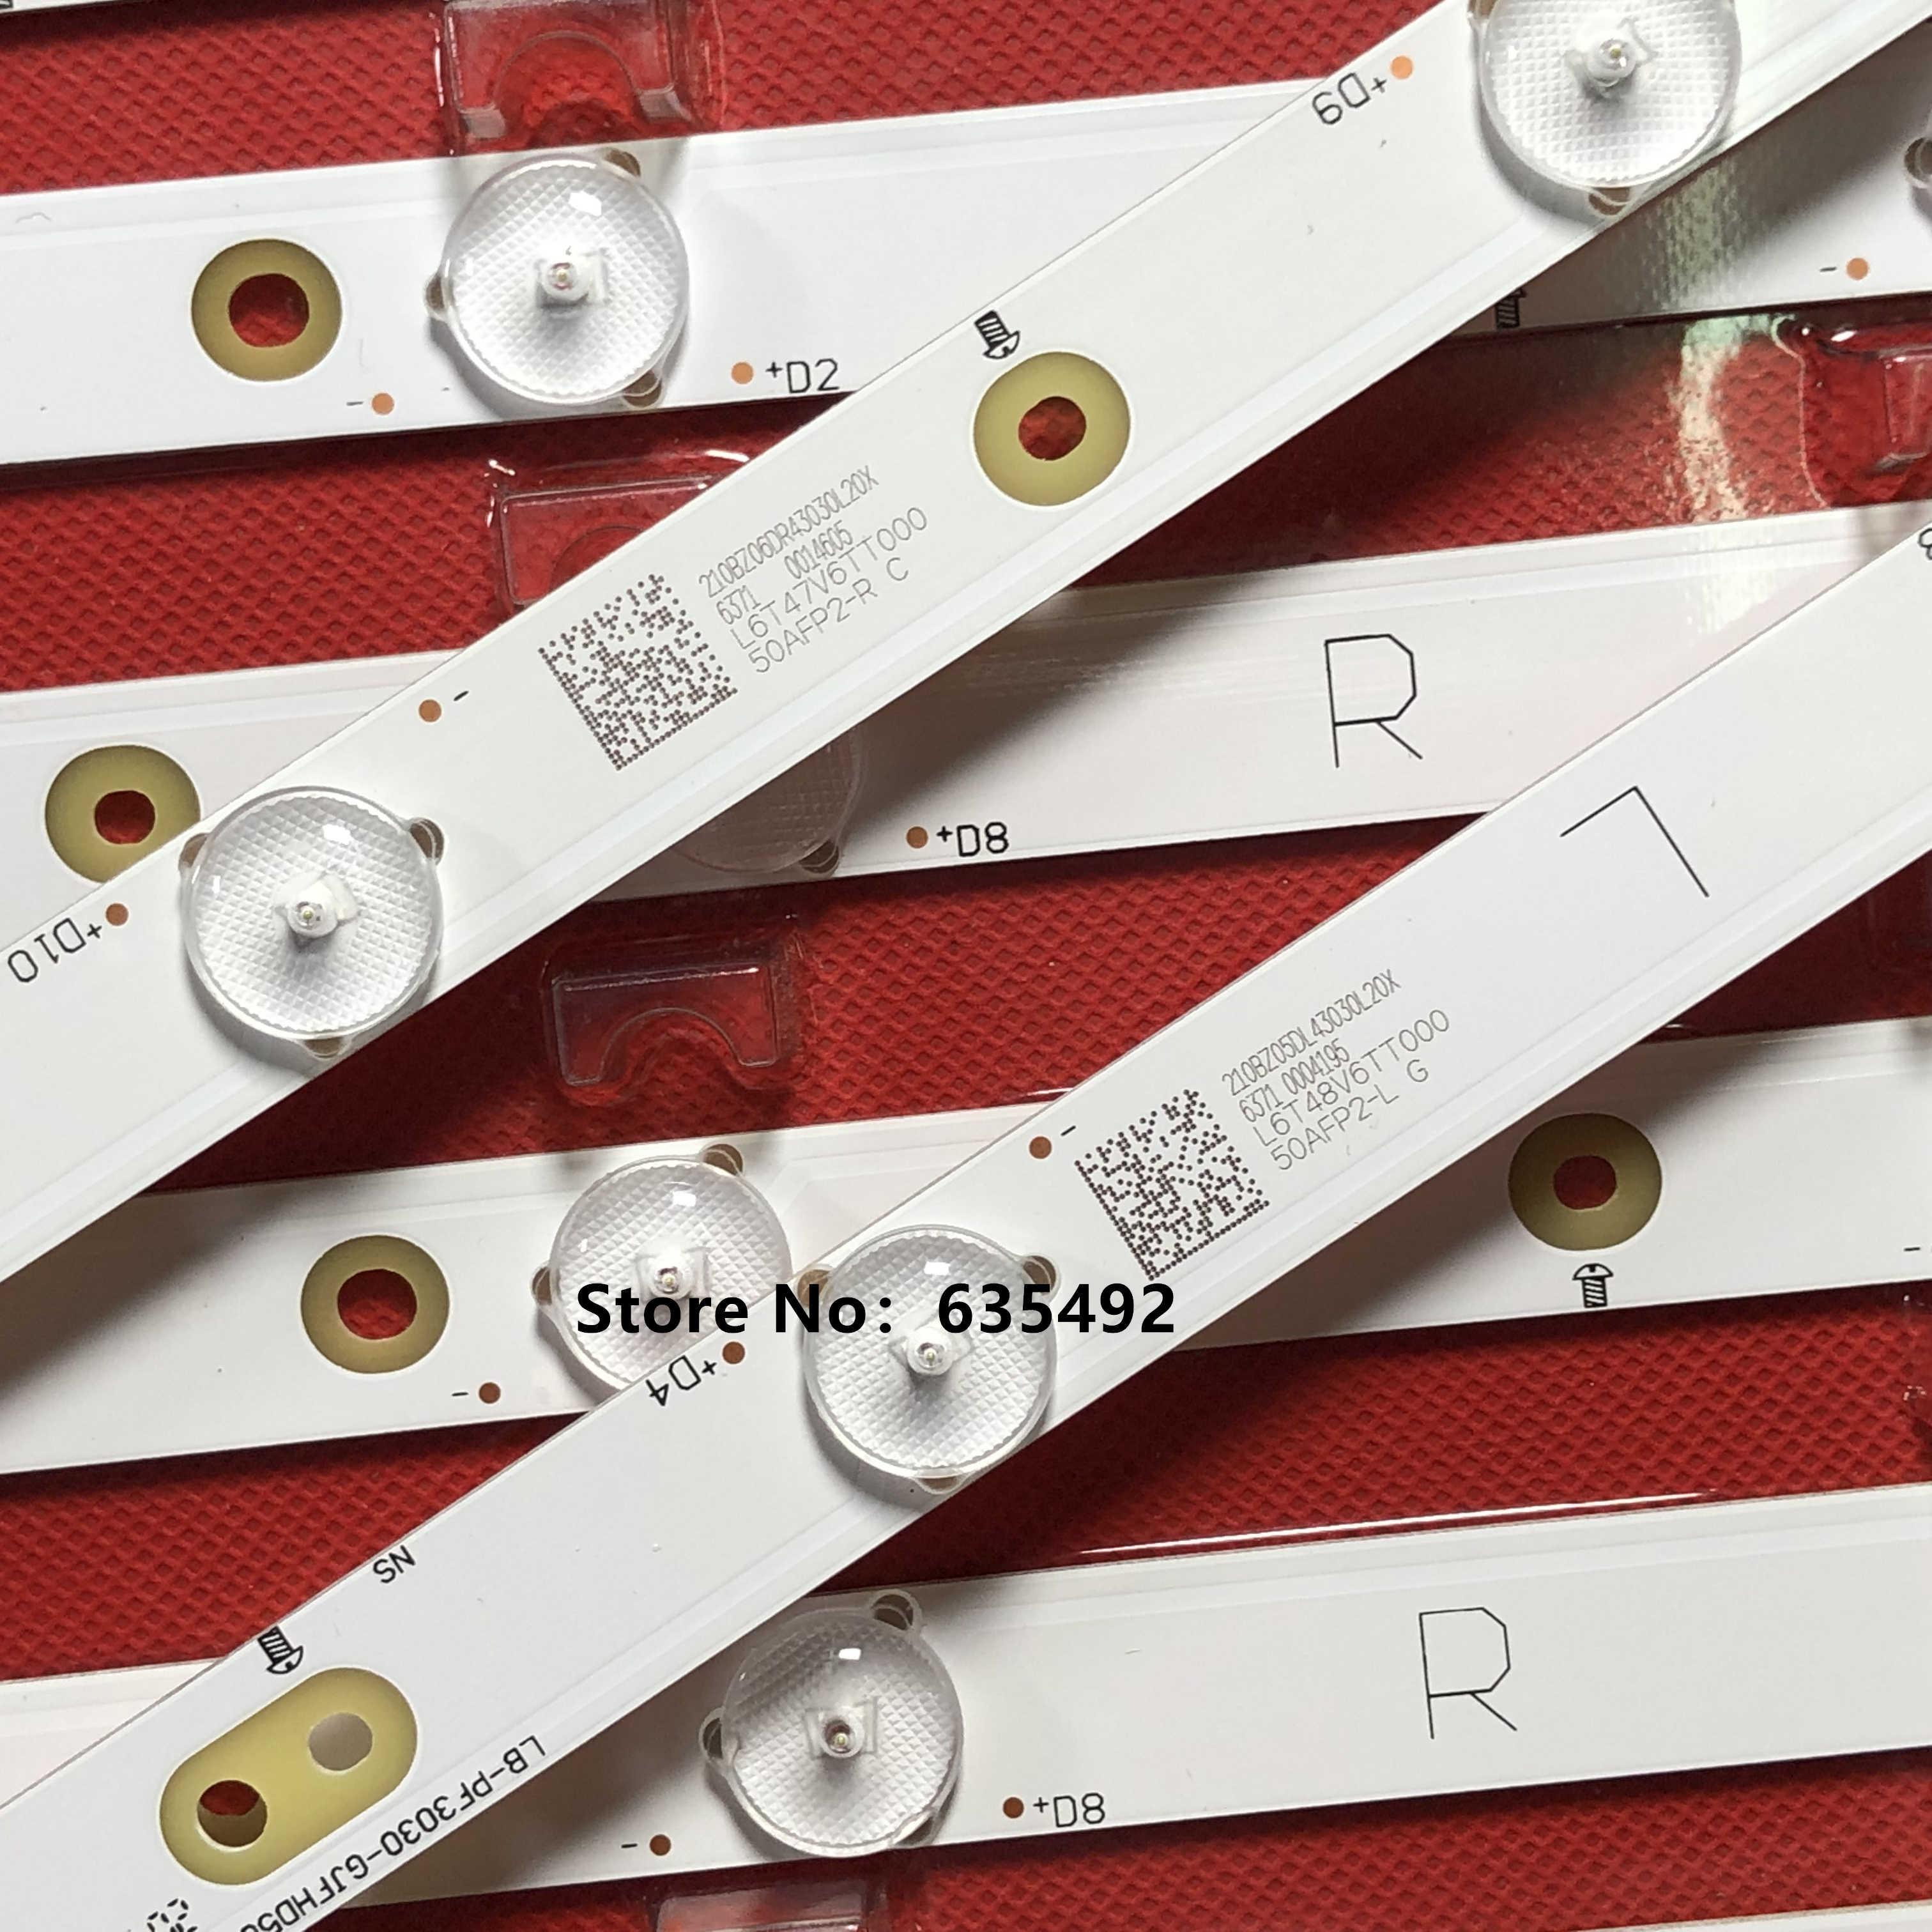 جديد LED شريط إضاءة خلفي ل 500TT25 50PUT6400 50PFH4009/88 50PFL6340/T3 50PFL6540 50PFL5V40 TPT500DK-QS1 50PFK4509/12 50PFA4509